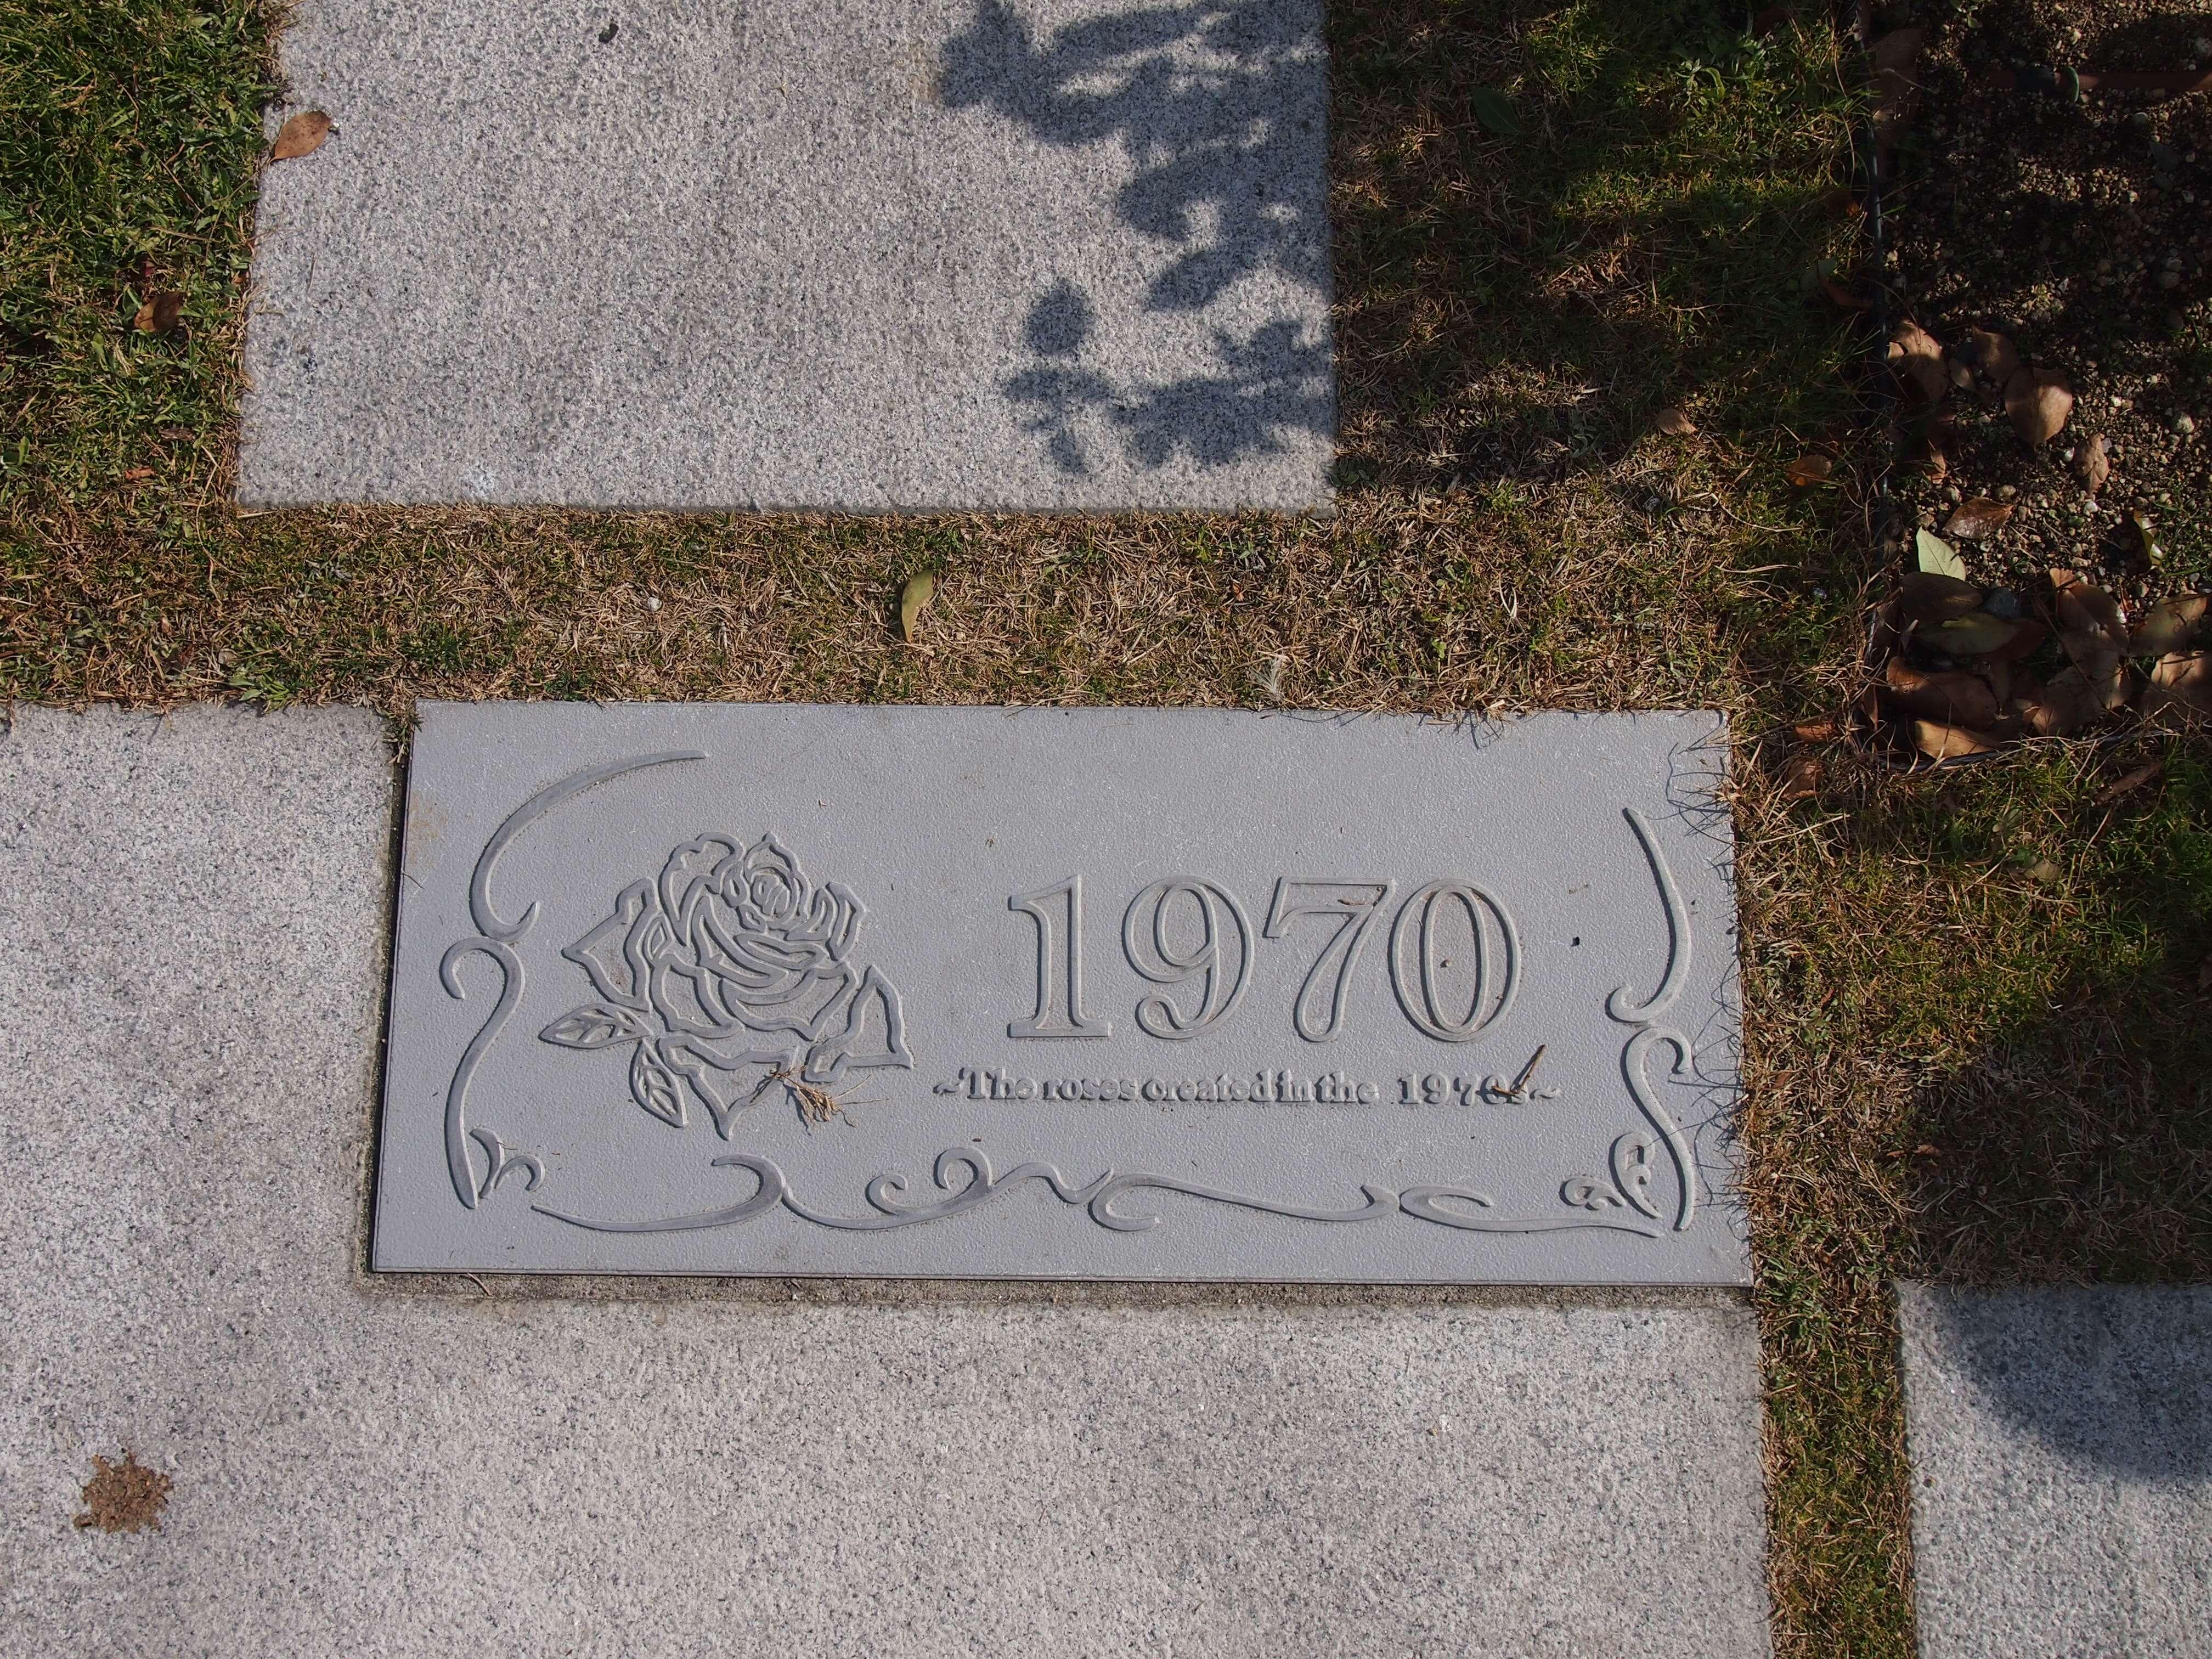 足元を見れば、年代が記された銘板が! 「1970年」と記されたこの一画は、今から50年ほど前の流行の品種が植えられているエリア。